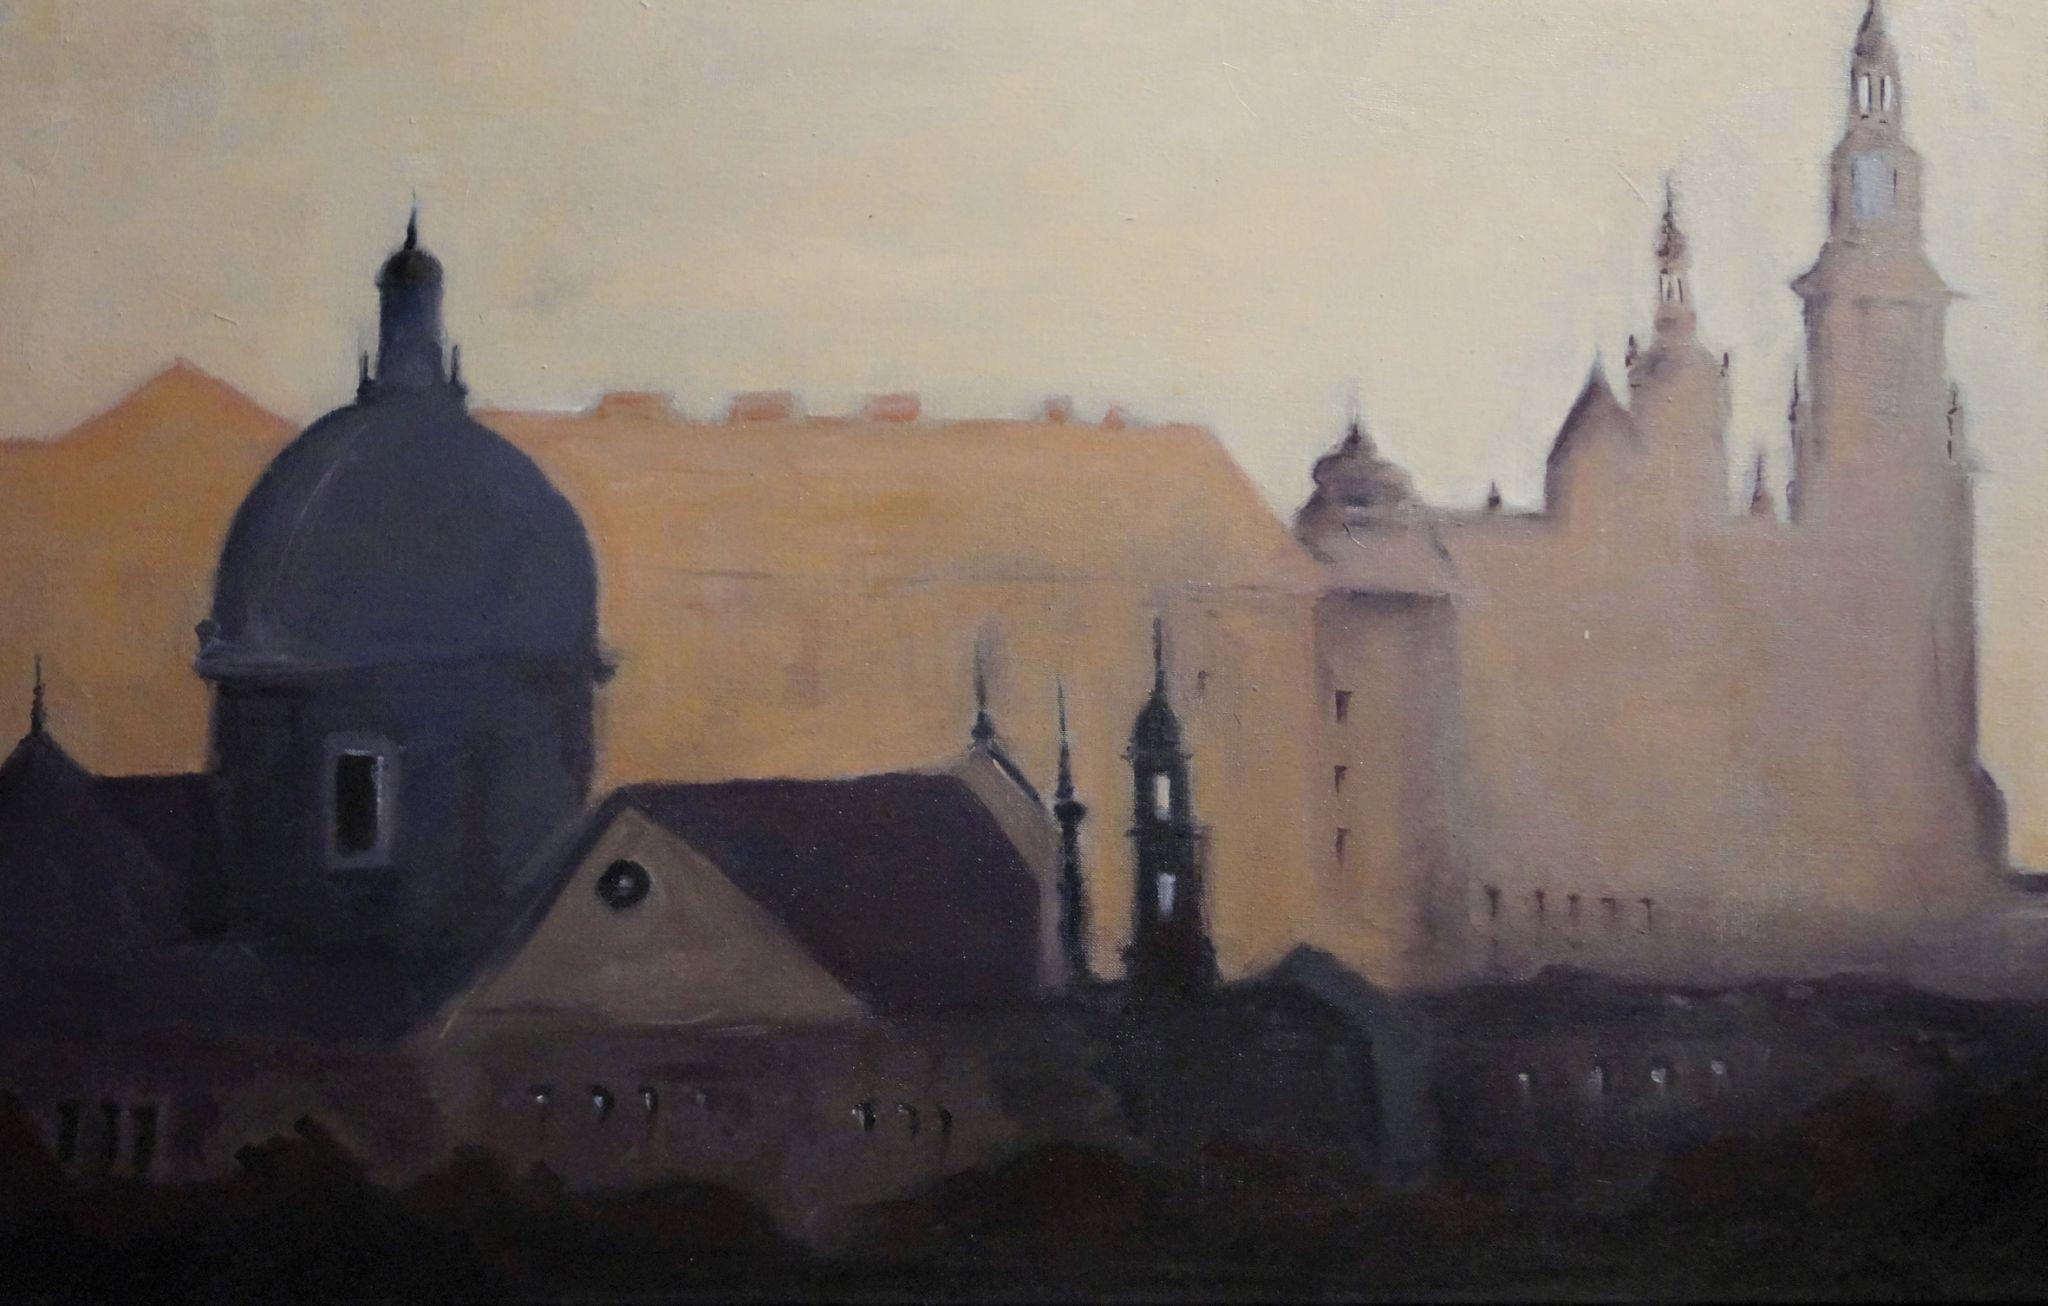 Kraków we mgle, 2019 r.